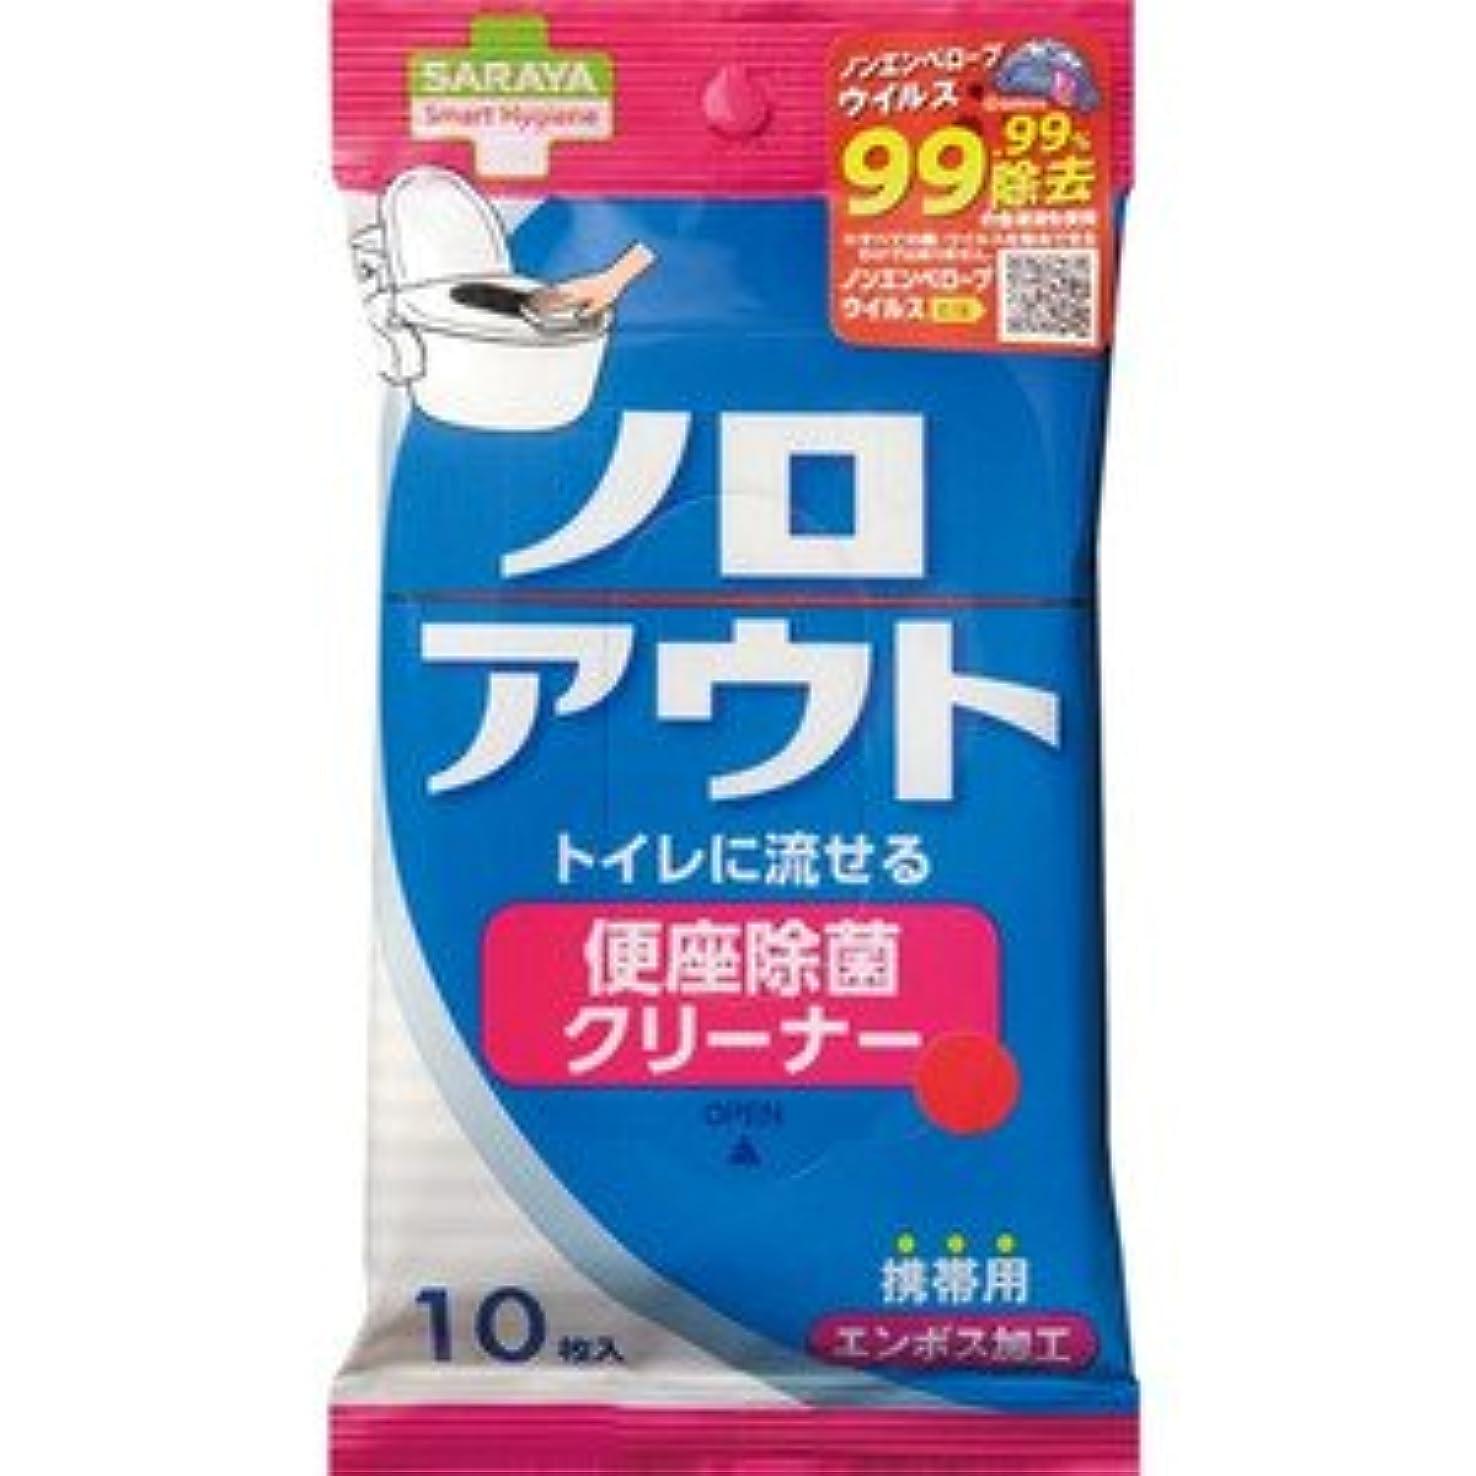 ライナー鋭く雨(サンスター)バトラー エフペーストα 90g(医薬部外品)/新商品/(お買い得3個セット)